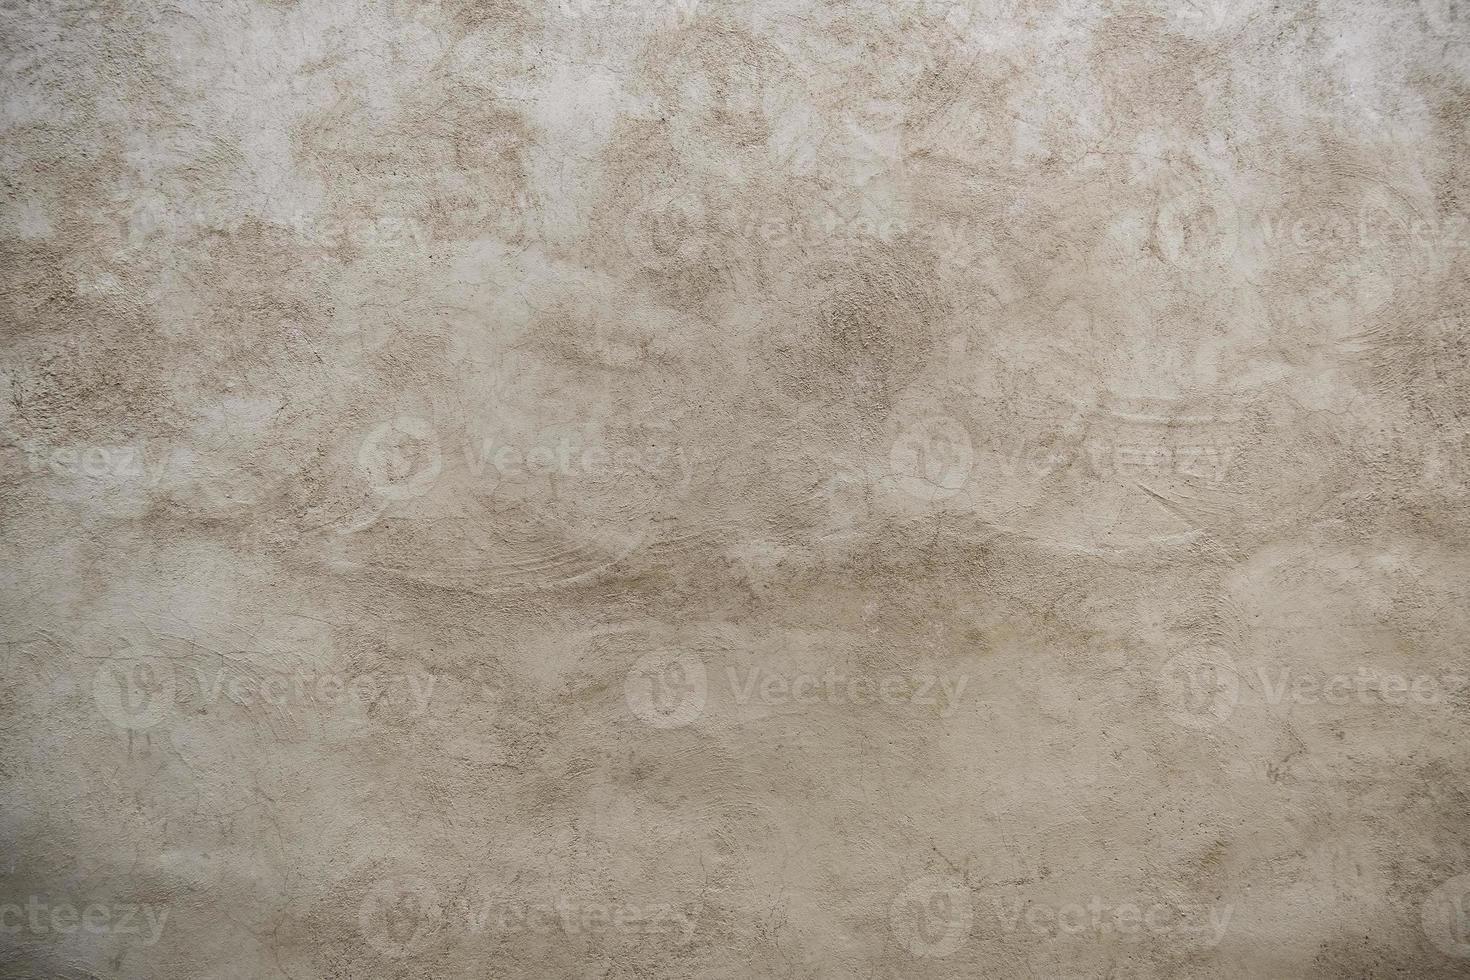 muro de cemento con humedad foto